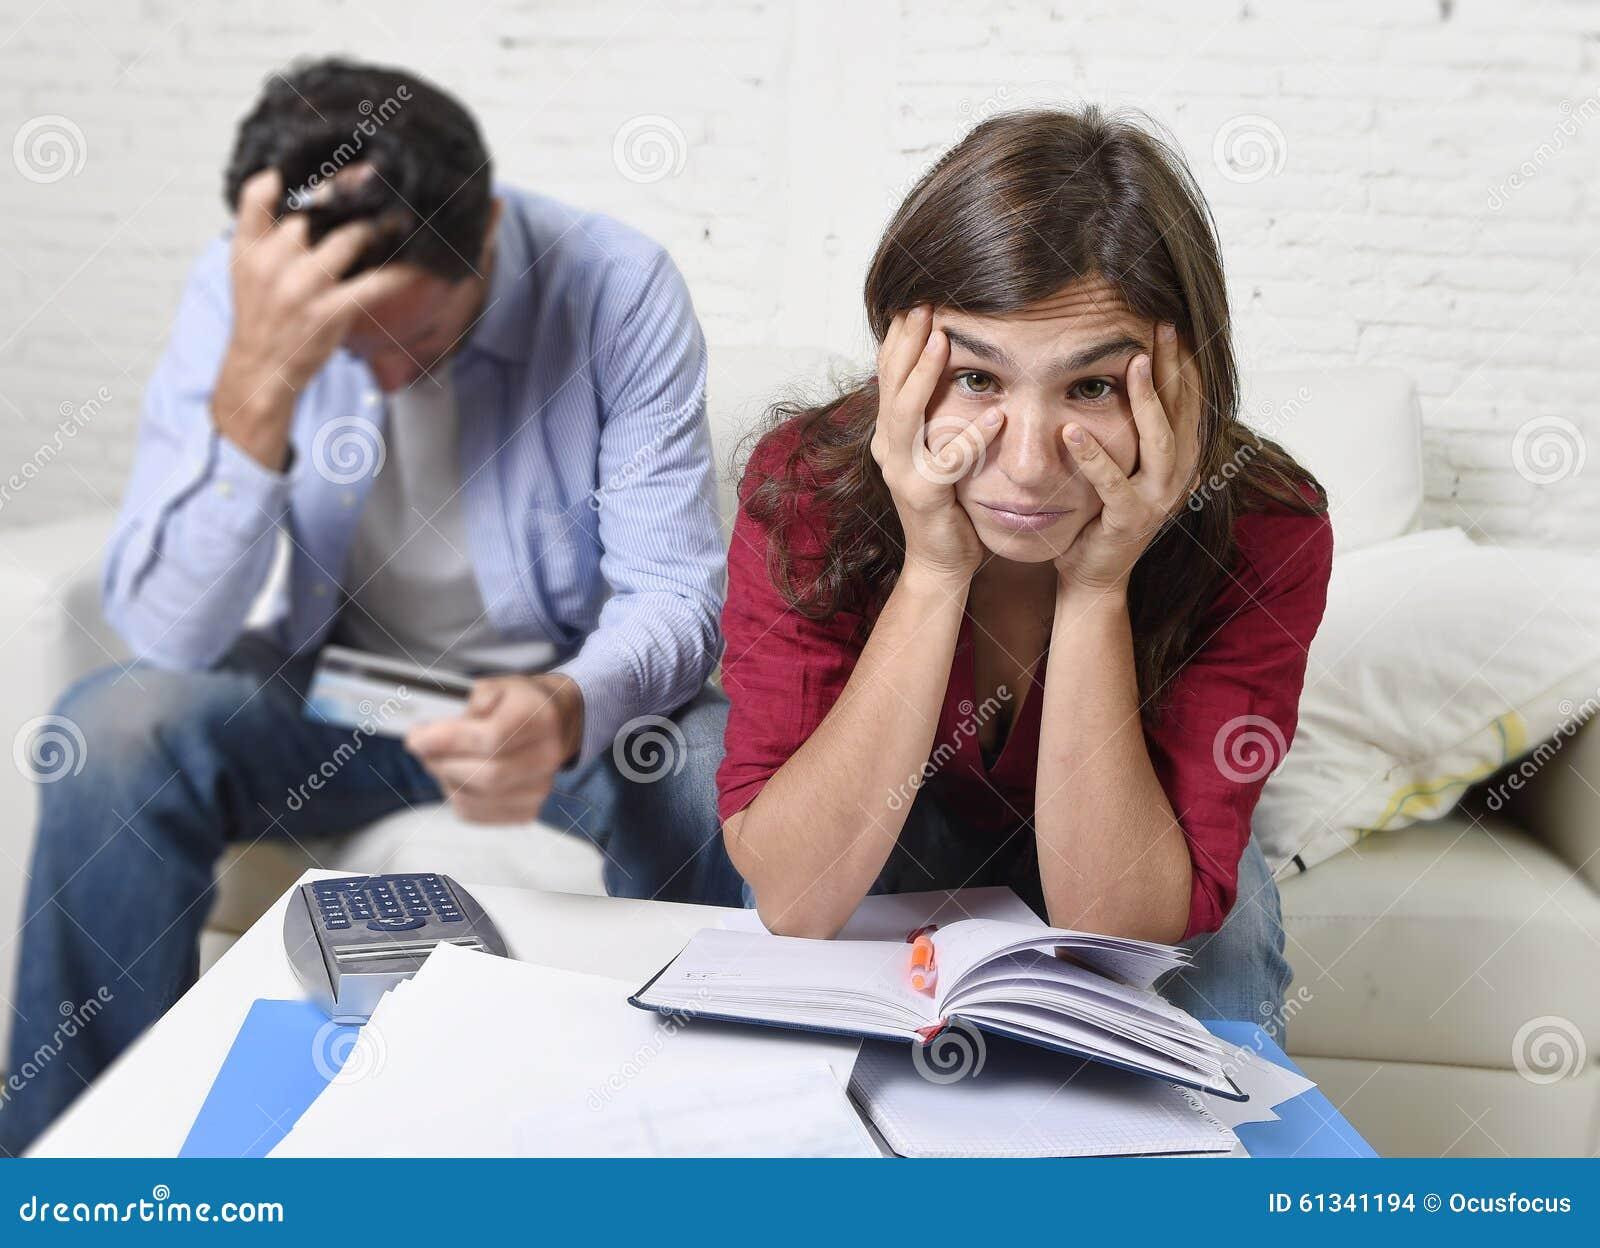 Os pares novos preocuparam-se e desesperado em problemas do dinheiro em casa em pagamentos do banco da contabilidade do esforço